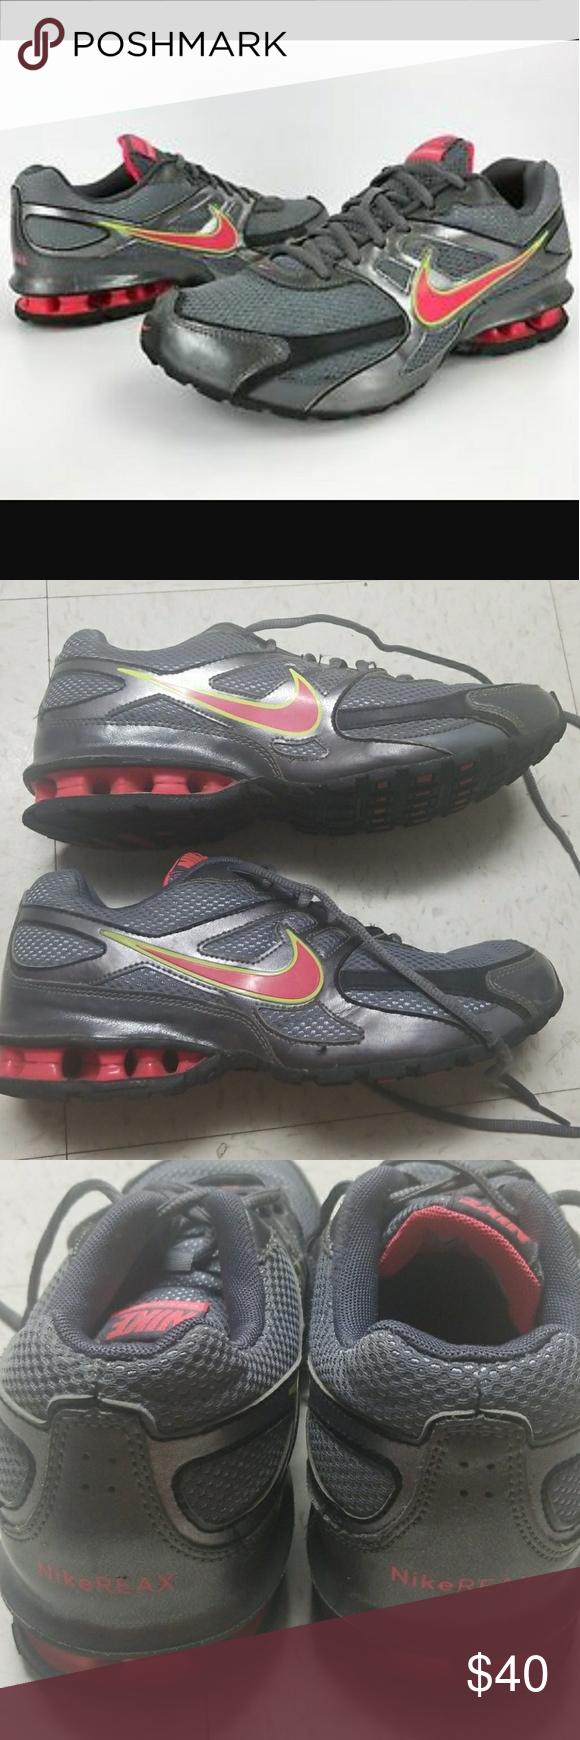 9c2e509f58f1 Nike Reax Run Dominate